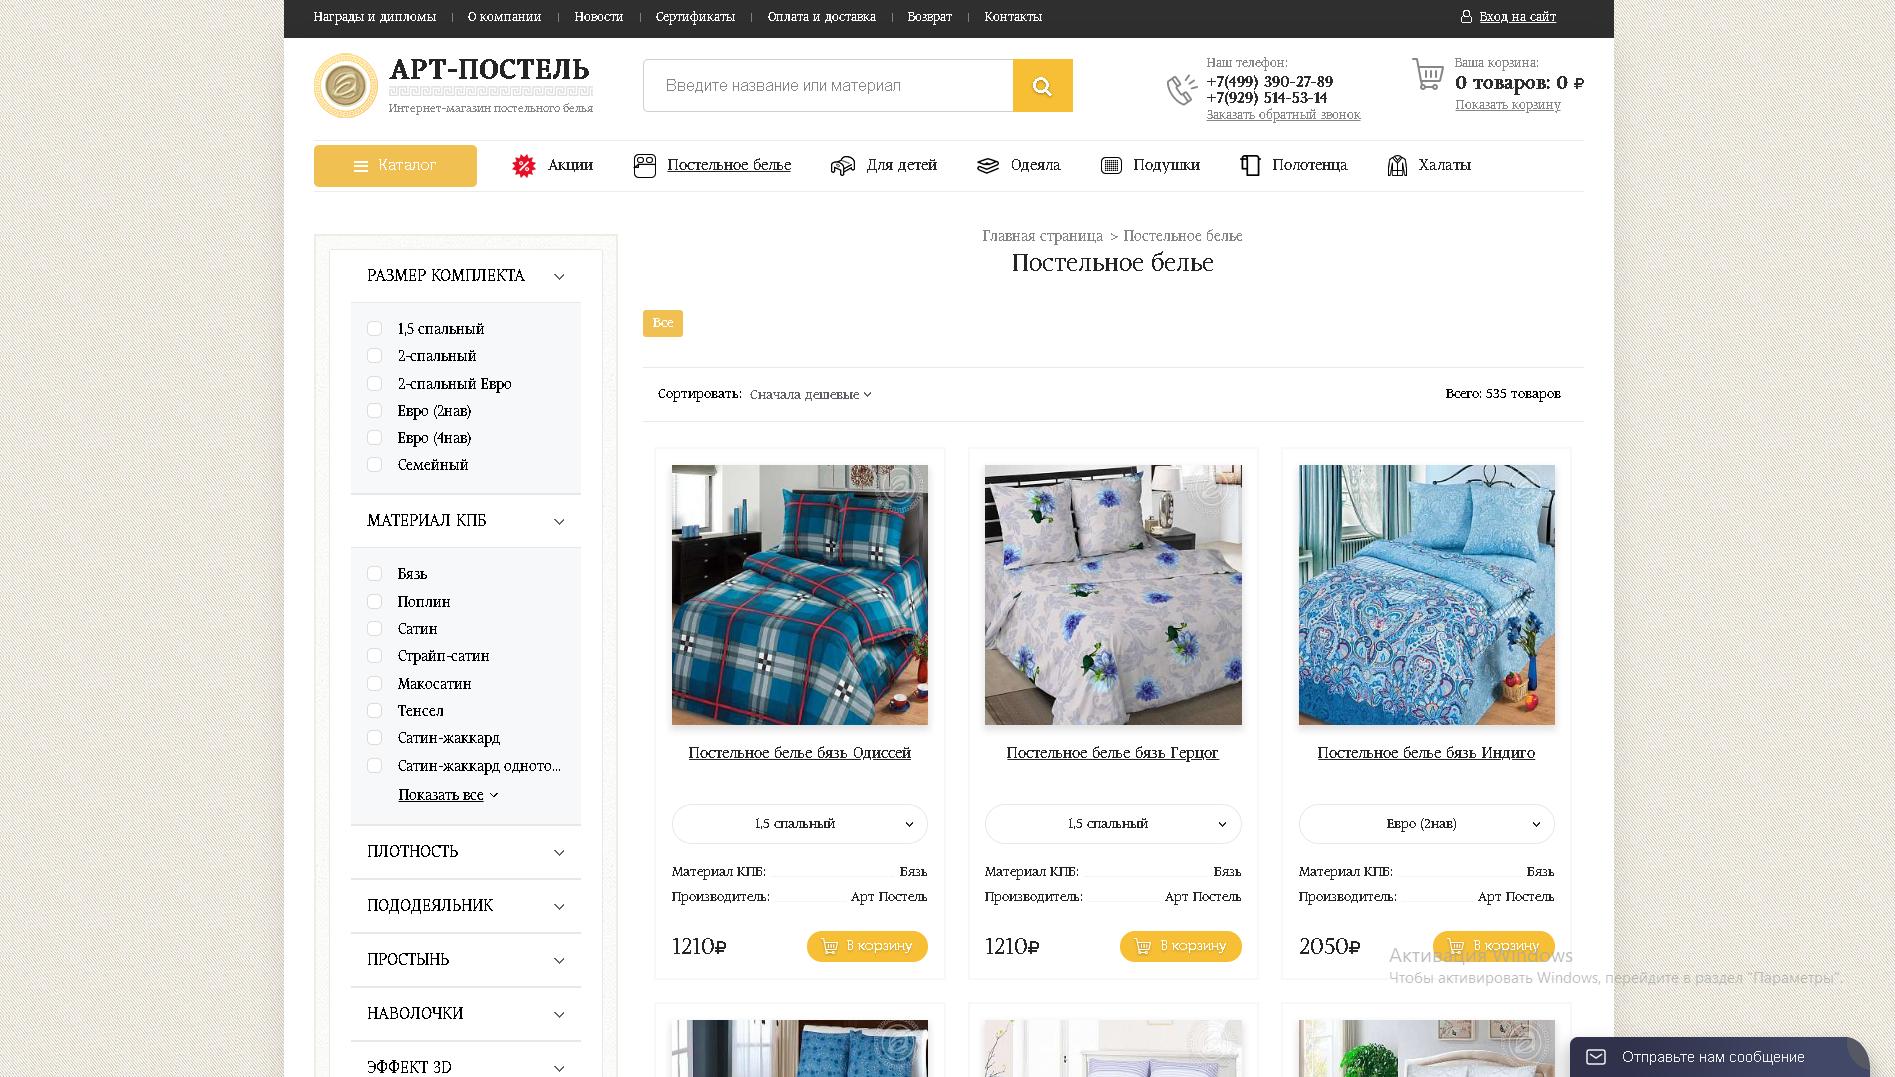 Постельное белье АртПостель из Иваново.